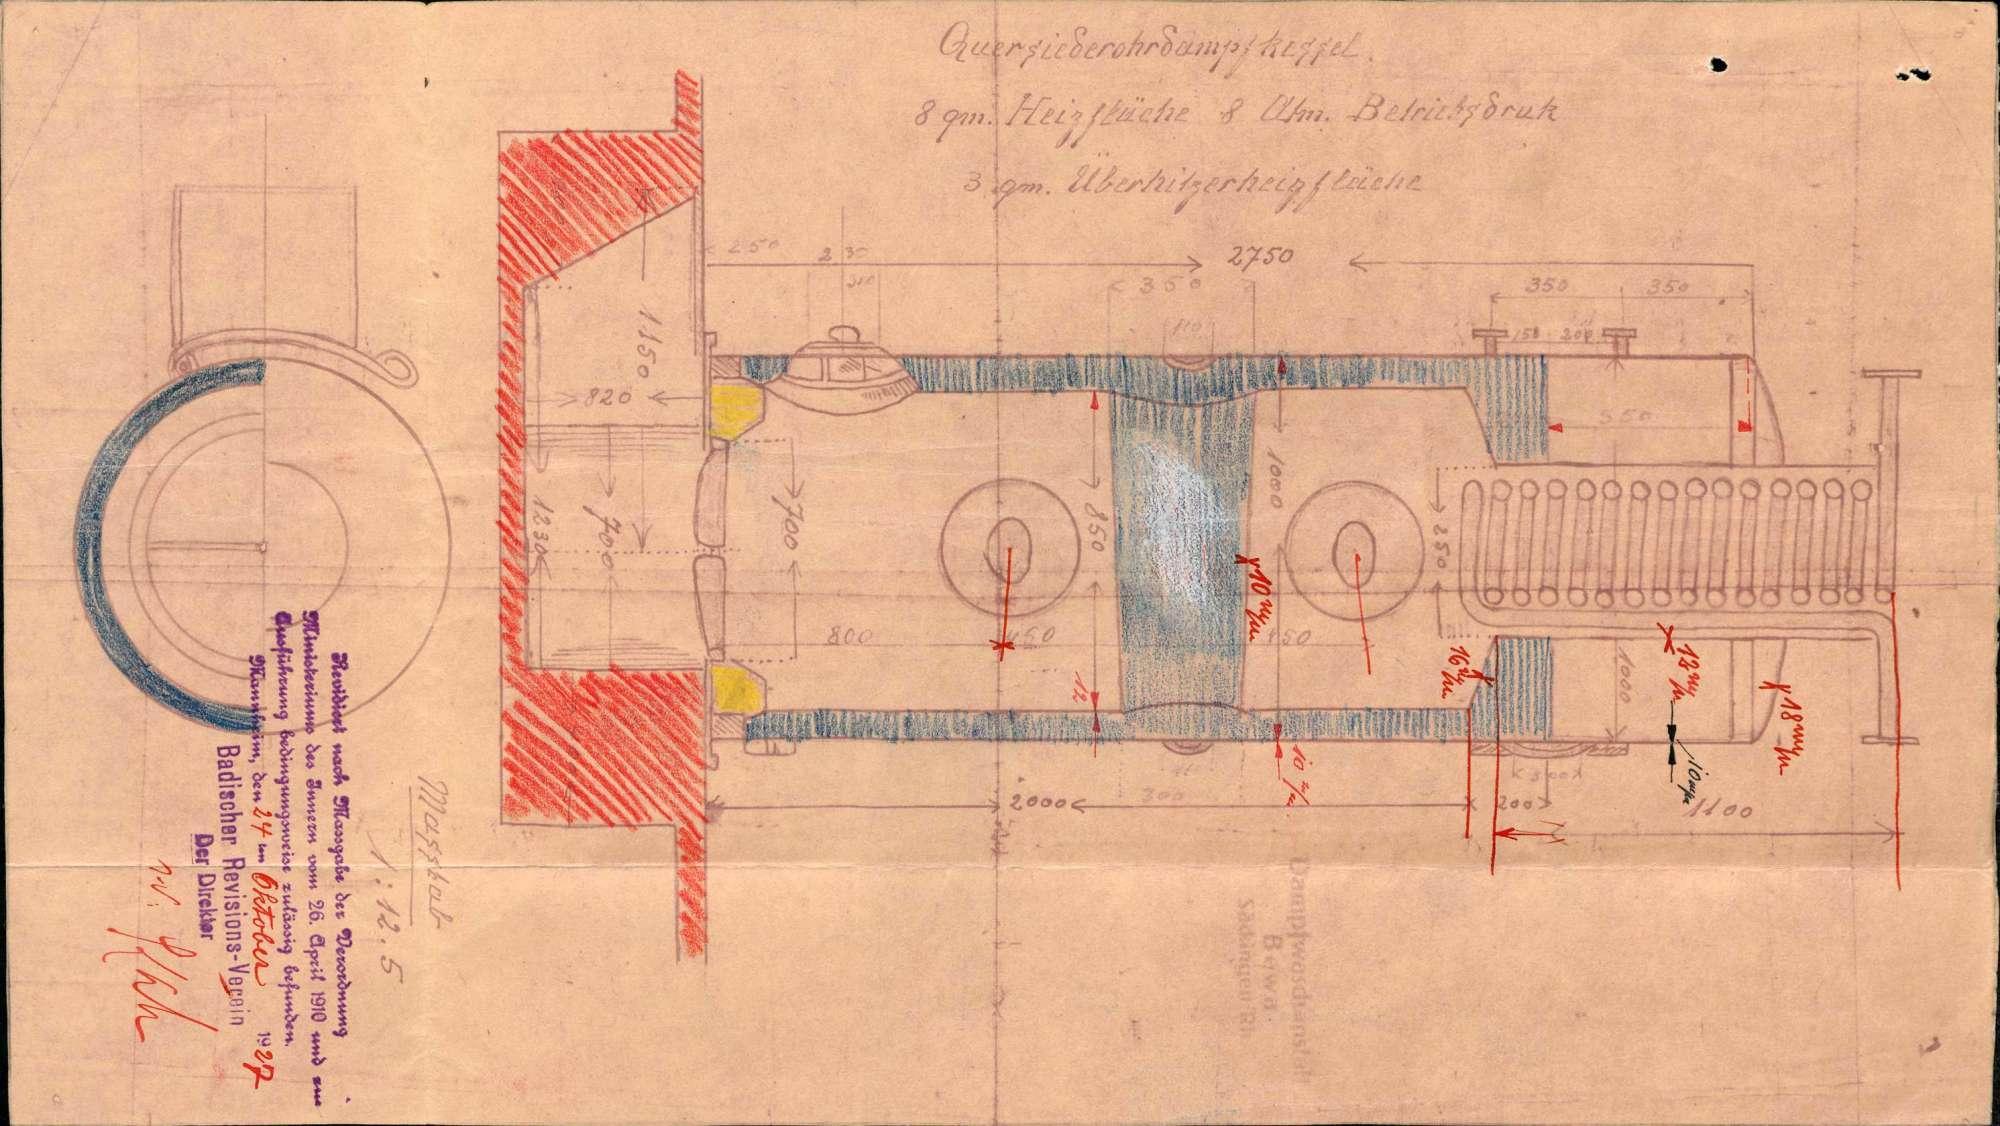 Dampfkessel der Firma Adolf Kähny in Säckingen, Bild 1